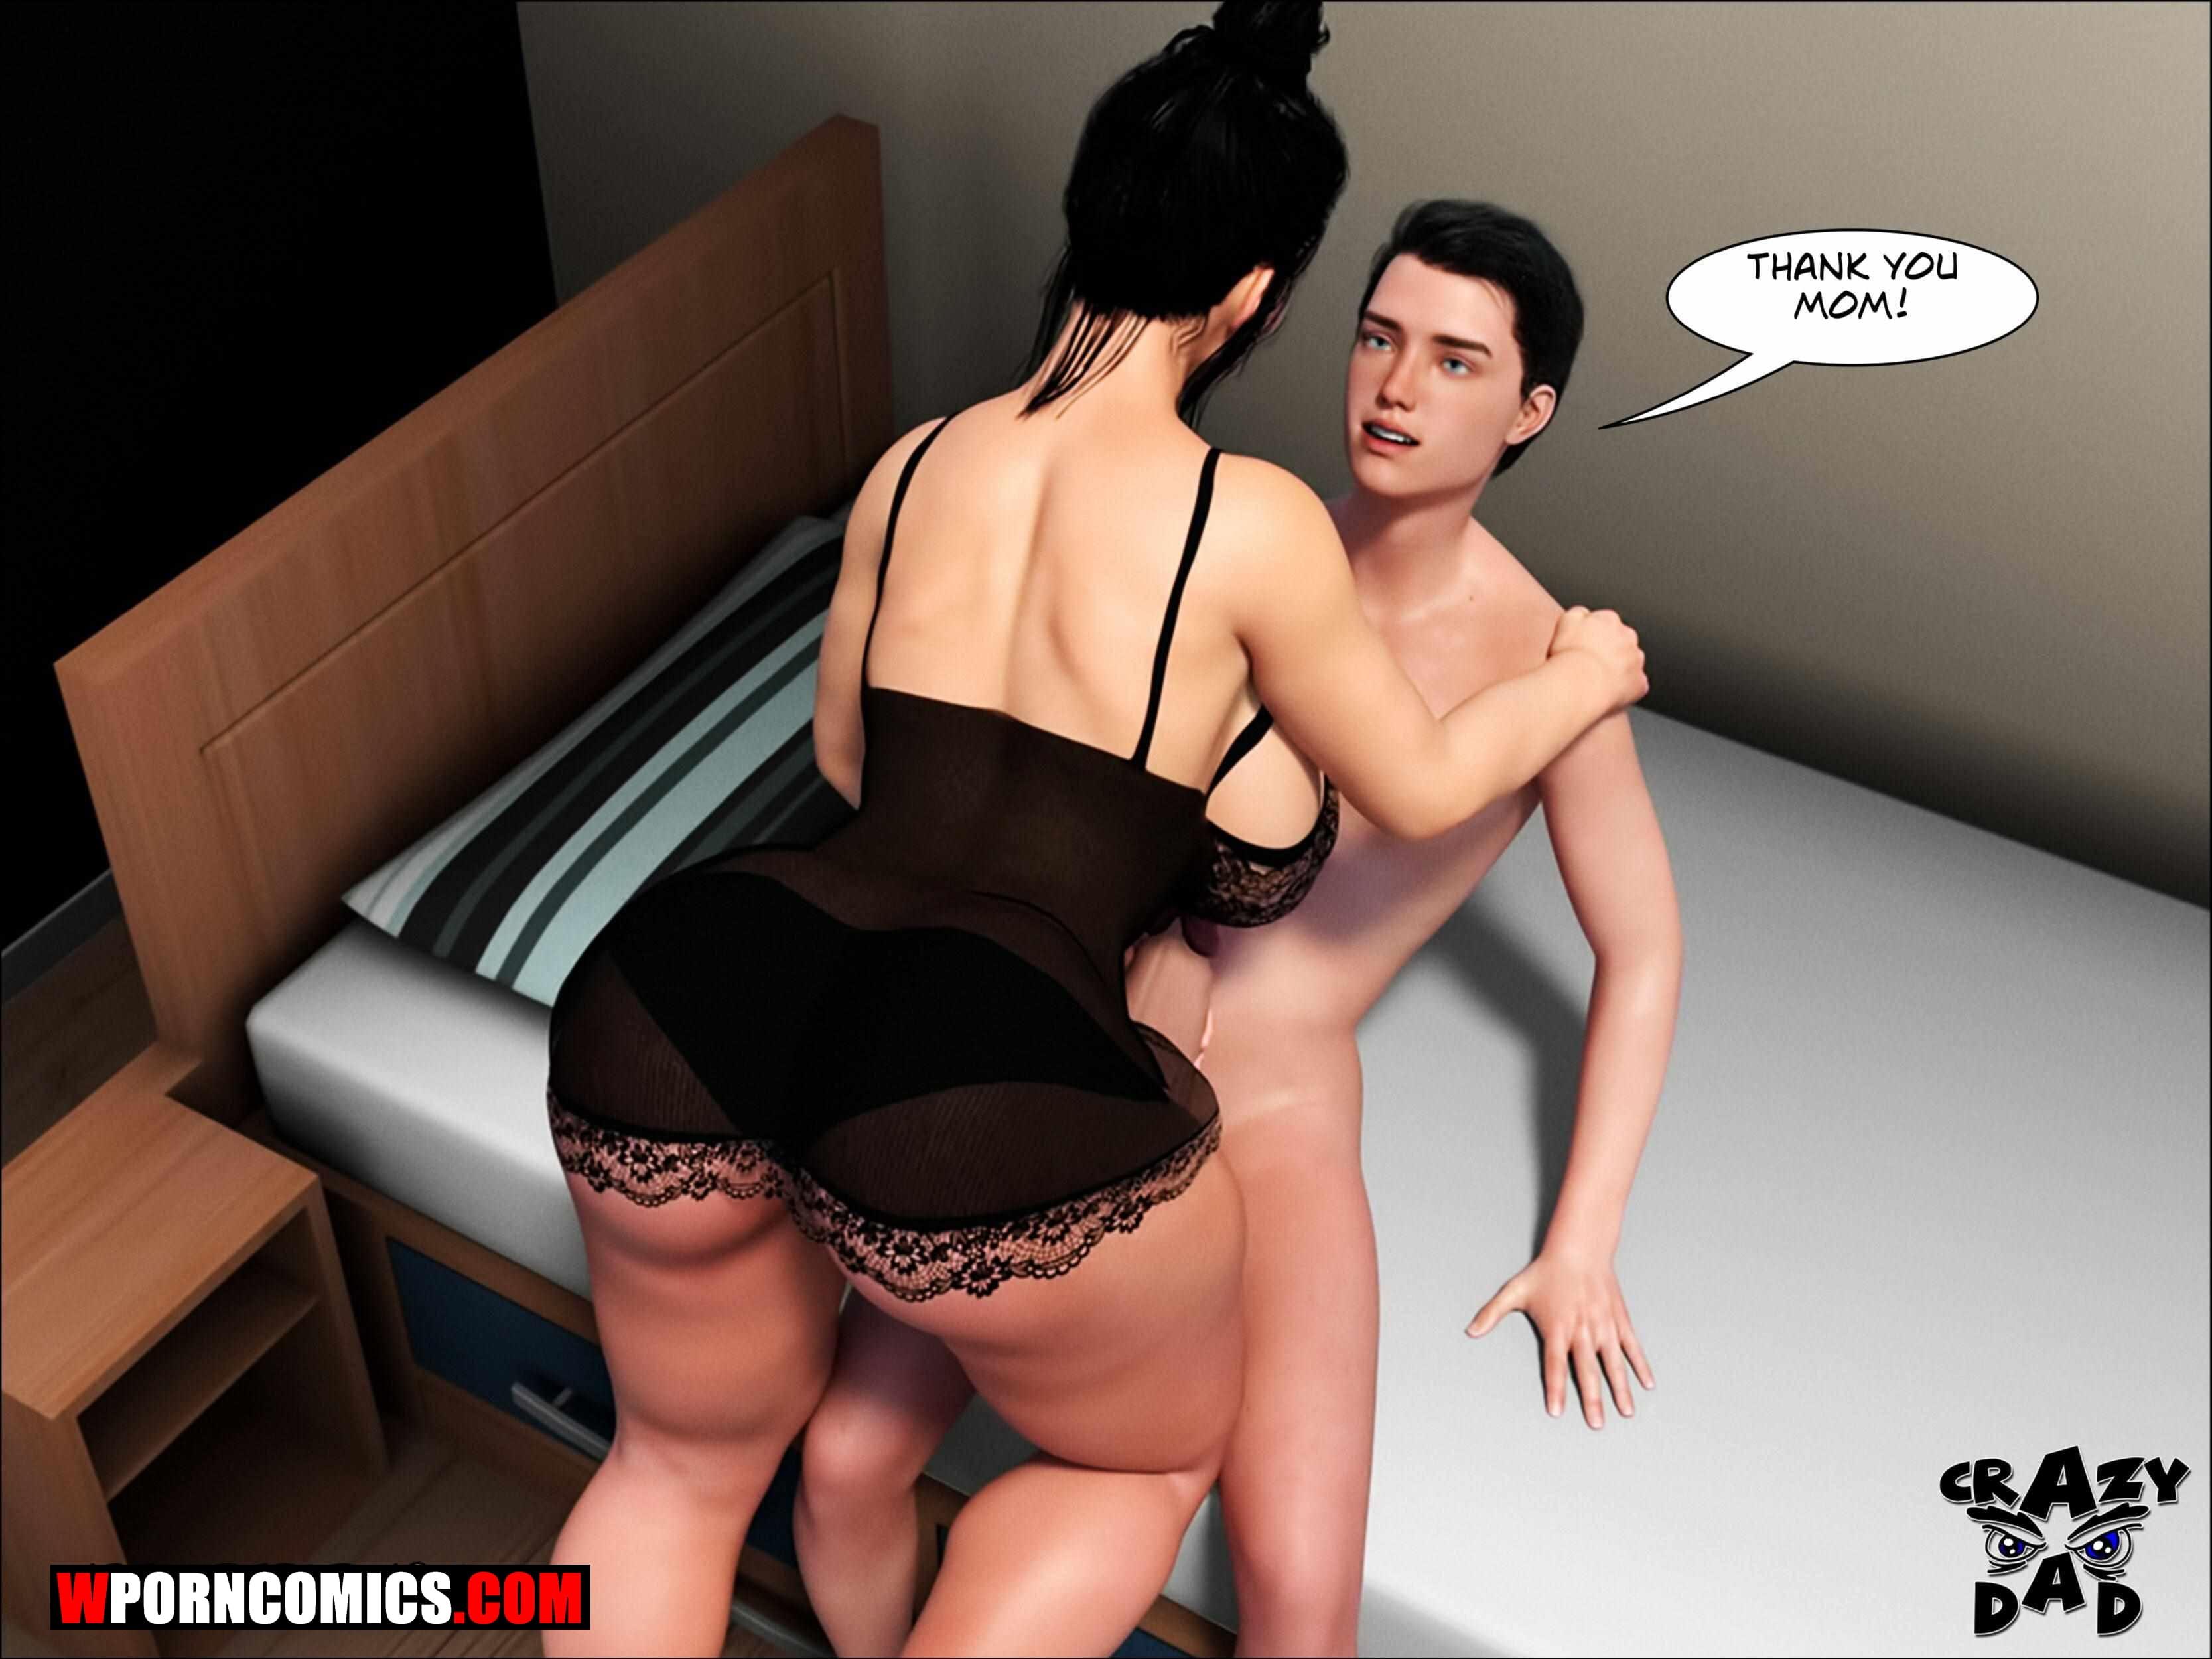 porn-comic-moms-help-part-3-2020-01-20/porn-comic-moms-help-part-3-2020-01-20-46569.jpg